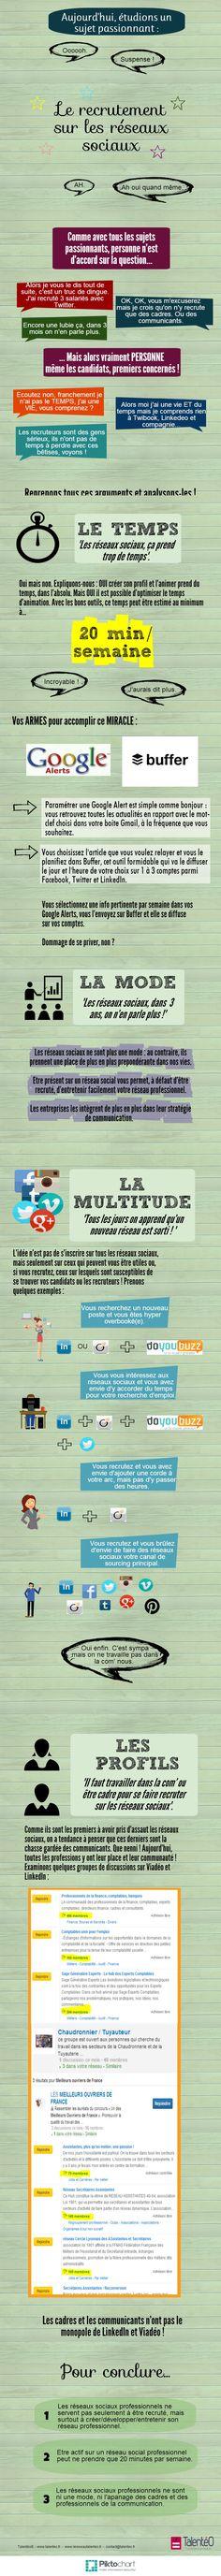 #Infographie : Recruter ou se faire recruter sur les réseaux sociaux, bonne ou mauvaise idée ? - Maddyness